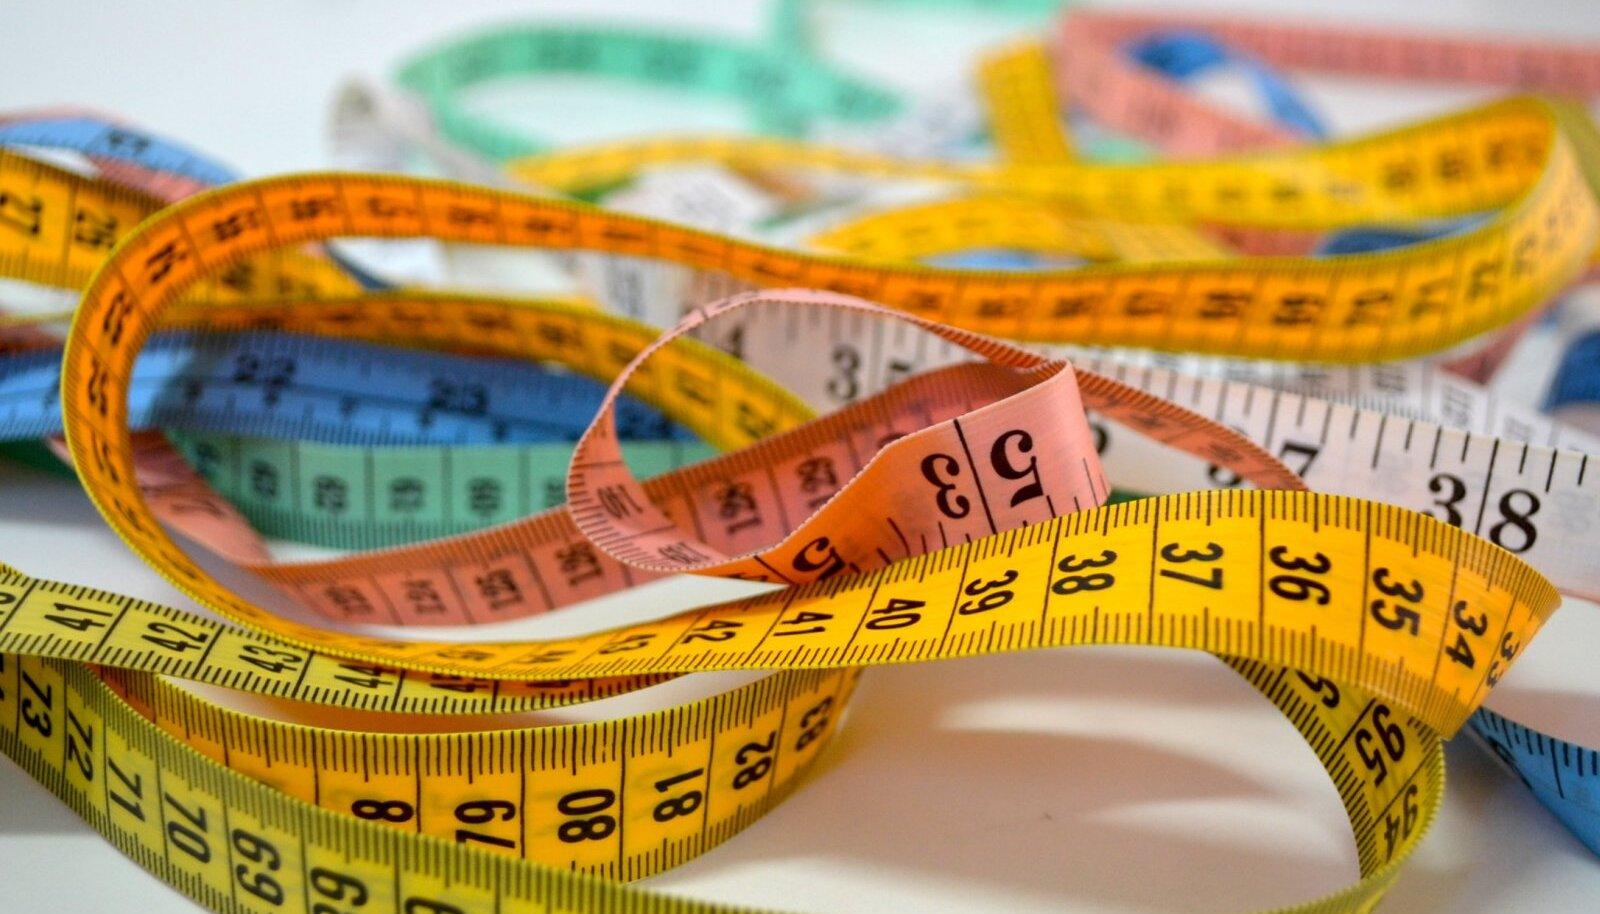 rasvakoolituse poletamine